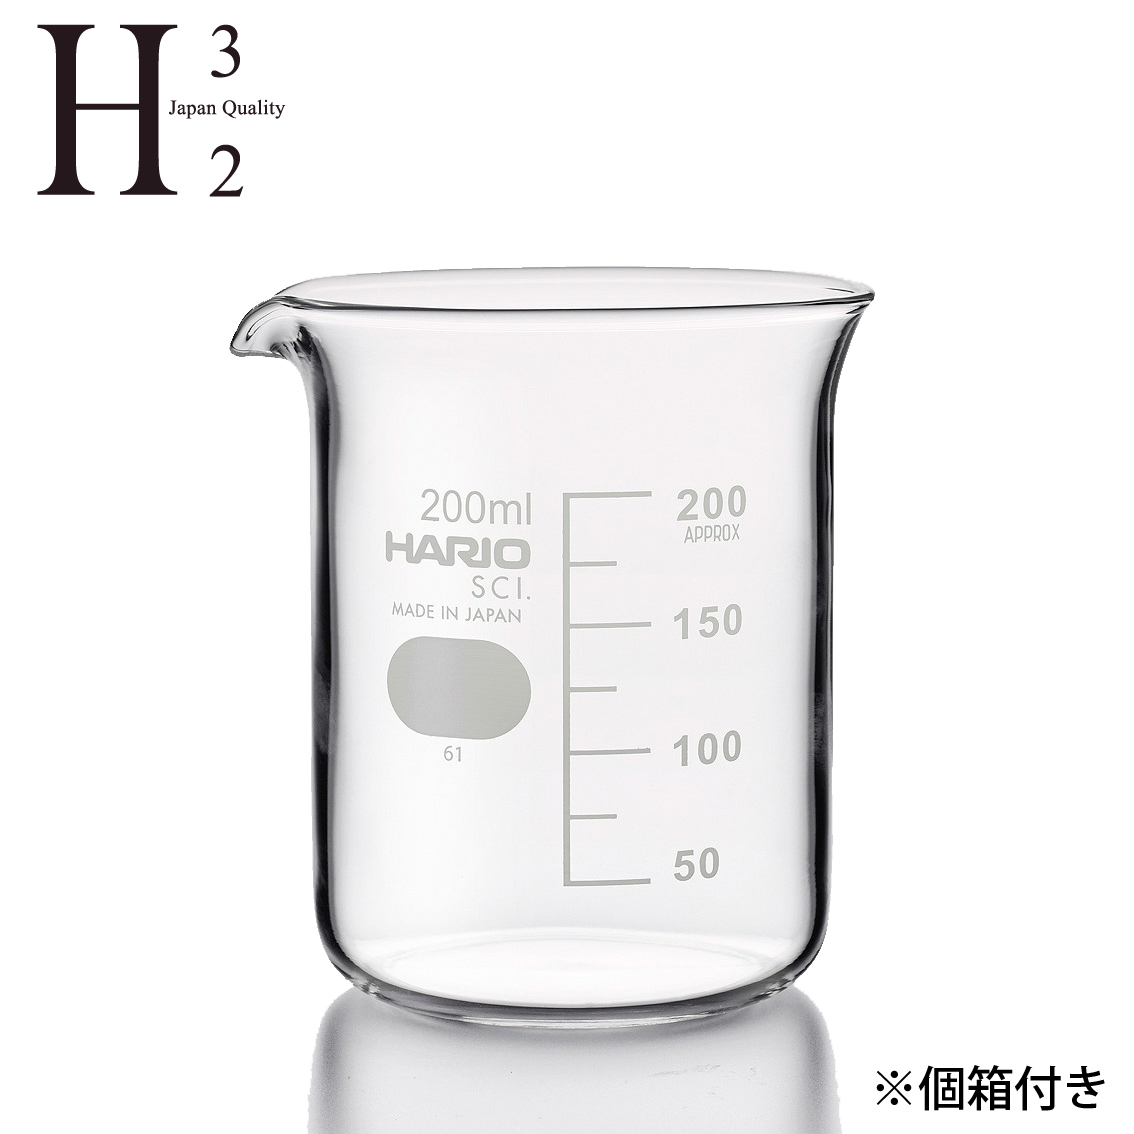 HARIO H-32 ライフスタイル・ラボ ビーカー 200ml